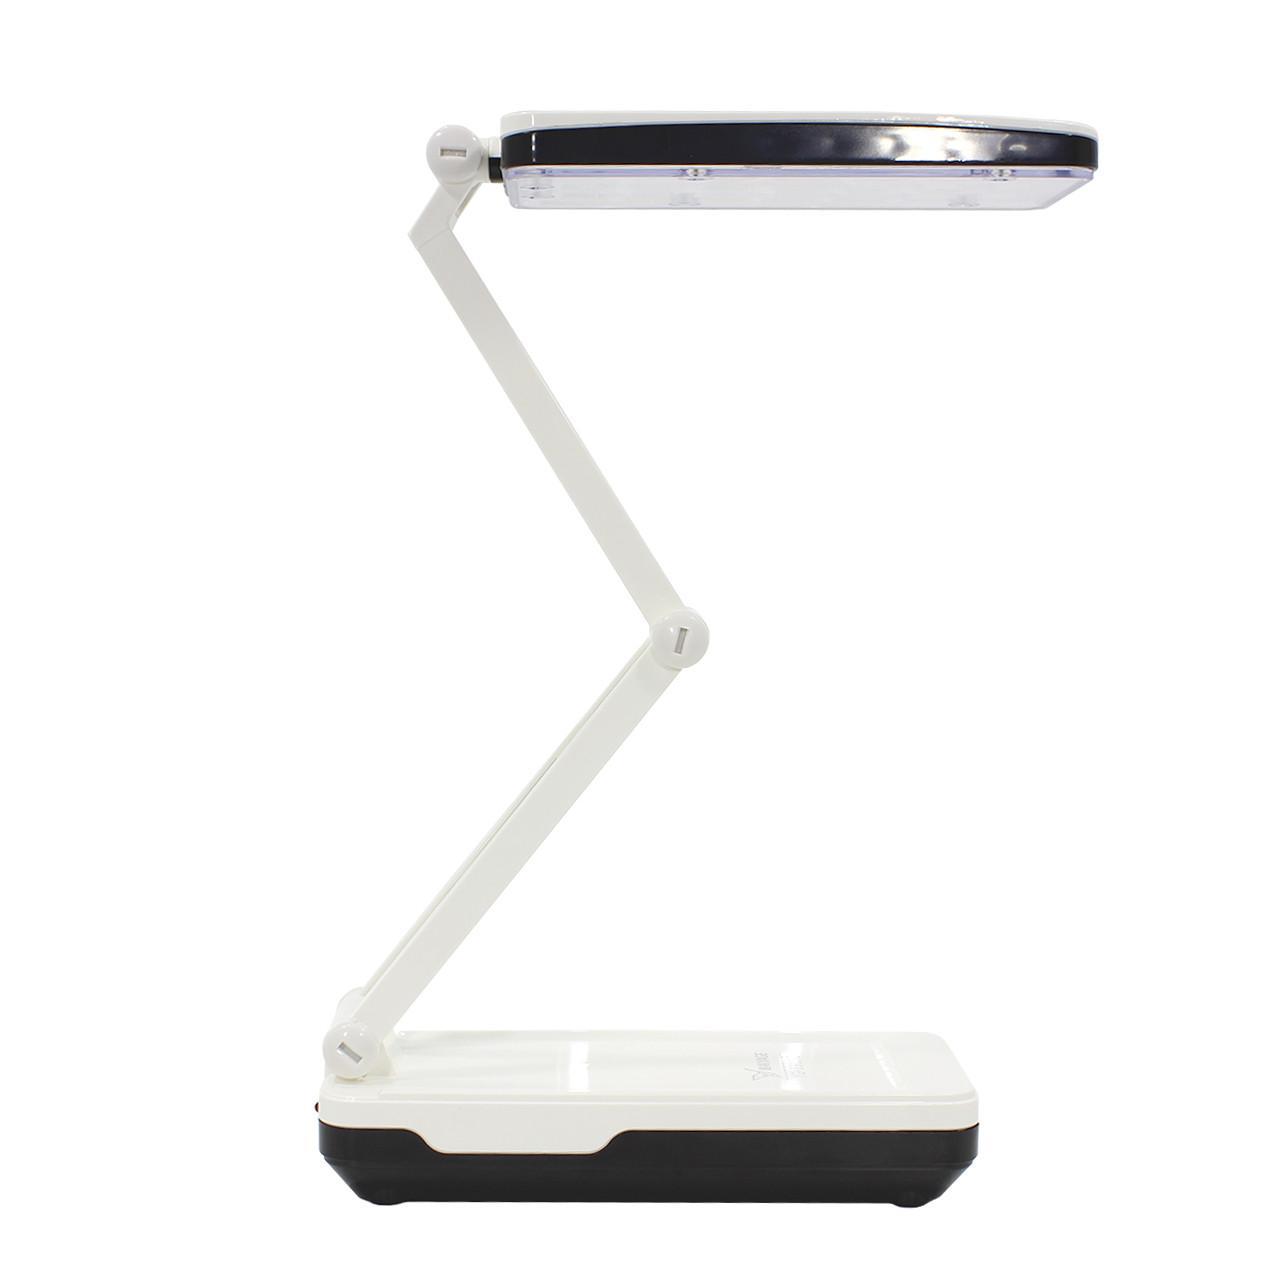 Настольная светодиодная лампа YAGE YG-5913C Бело-черная компактная слаживаемая питание от сети аккумулятора